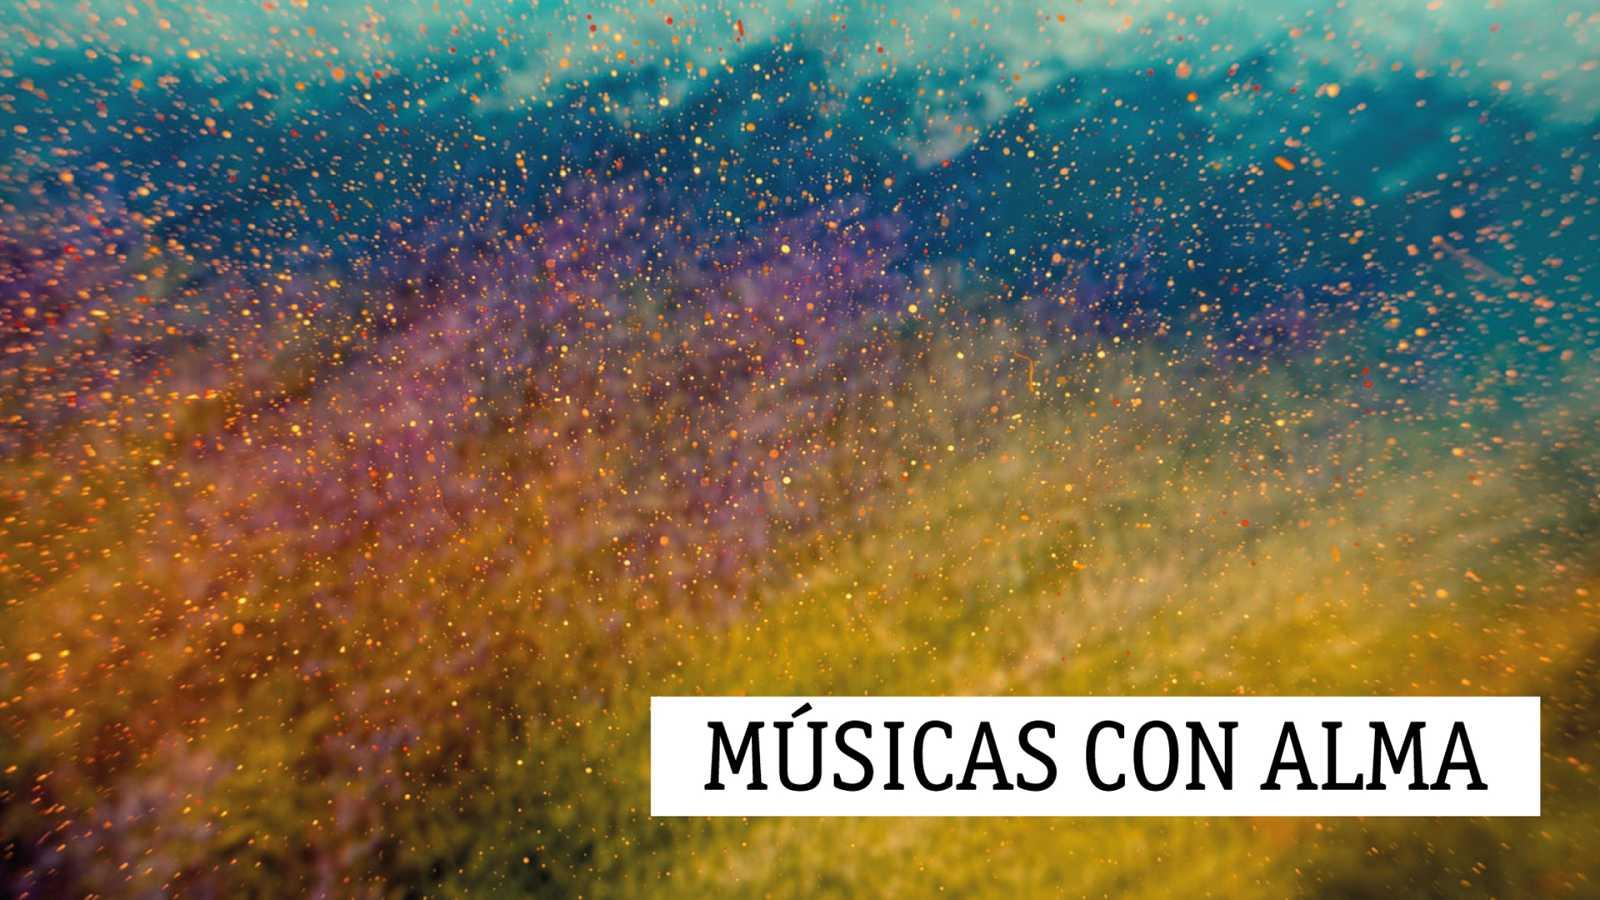 Músicas con alma - Scherzando - 30/04/21 - escuchar ahora